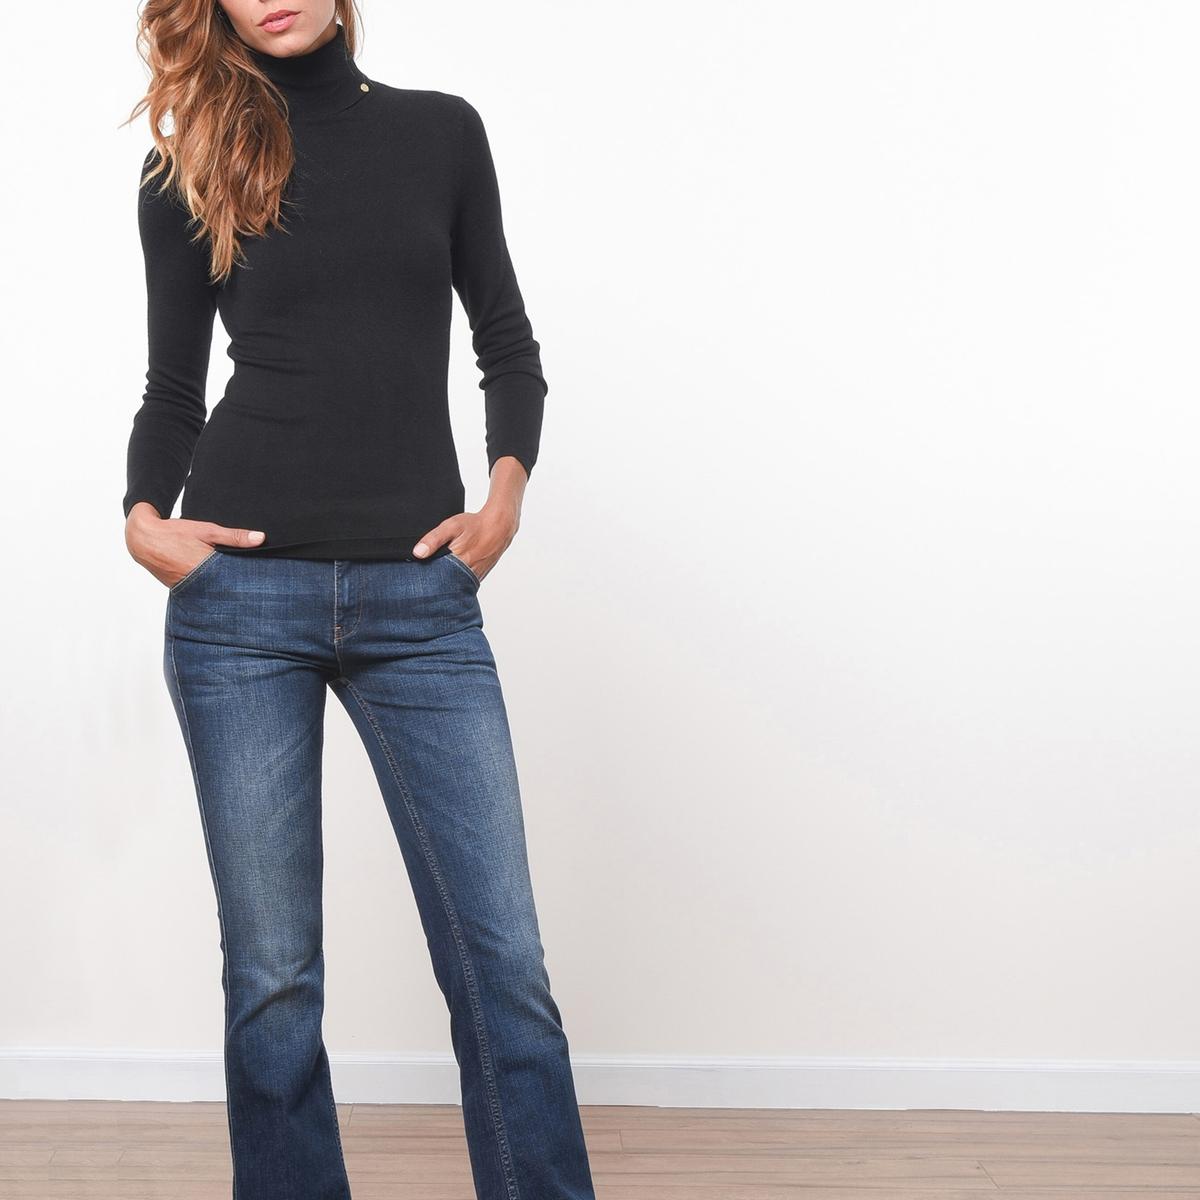 Пуловер с высоким воротникомПуловер JOE RETRO. Воротник хомут. Длинные рукава.           Состав &amp; ДеталиМатериал            81% вискозы, 17% полиамида, 2% эластана      Марка            JOE RETRO          Уход     Следуйте рекомендациям по уходу, указанным на этикетке изделия<br><br>Цвет: черный